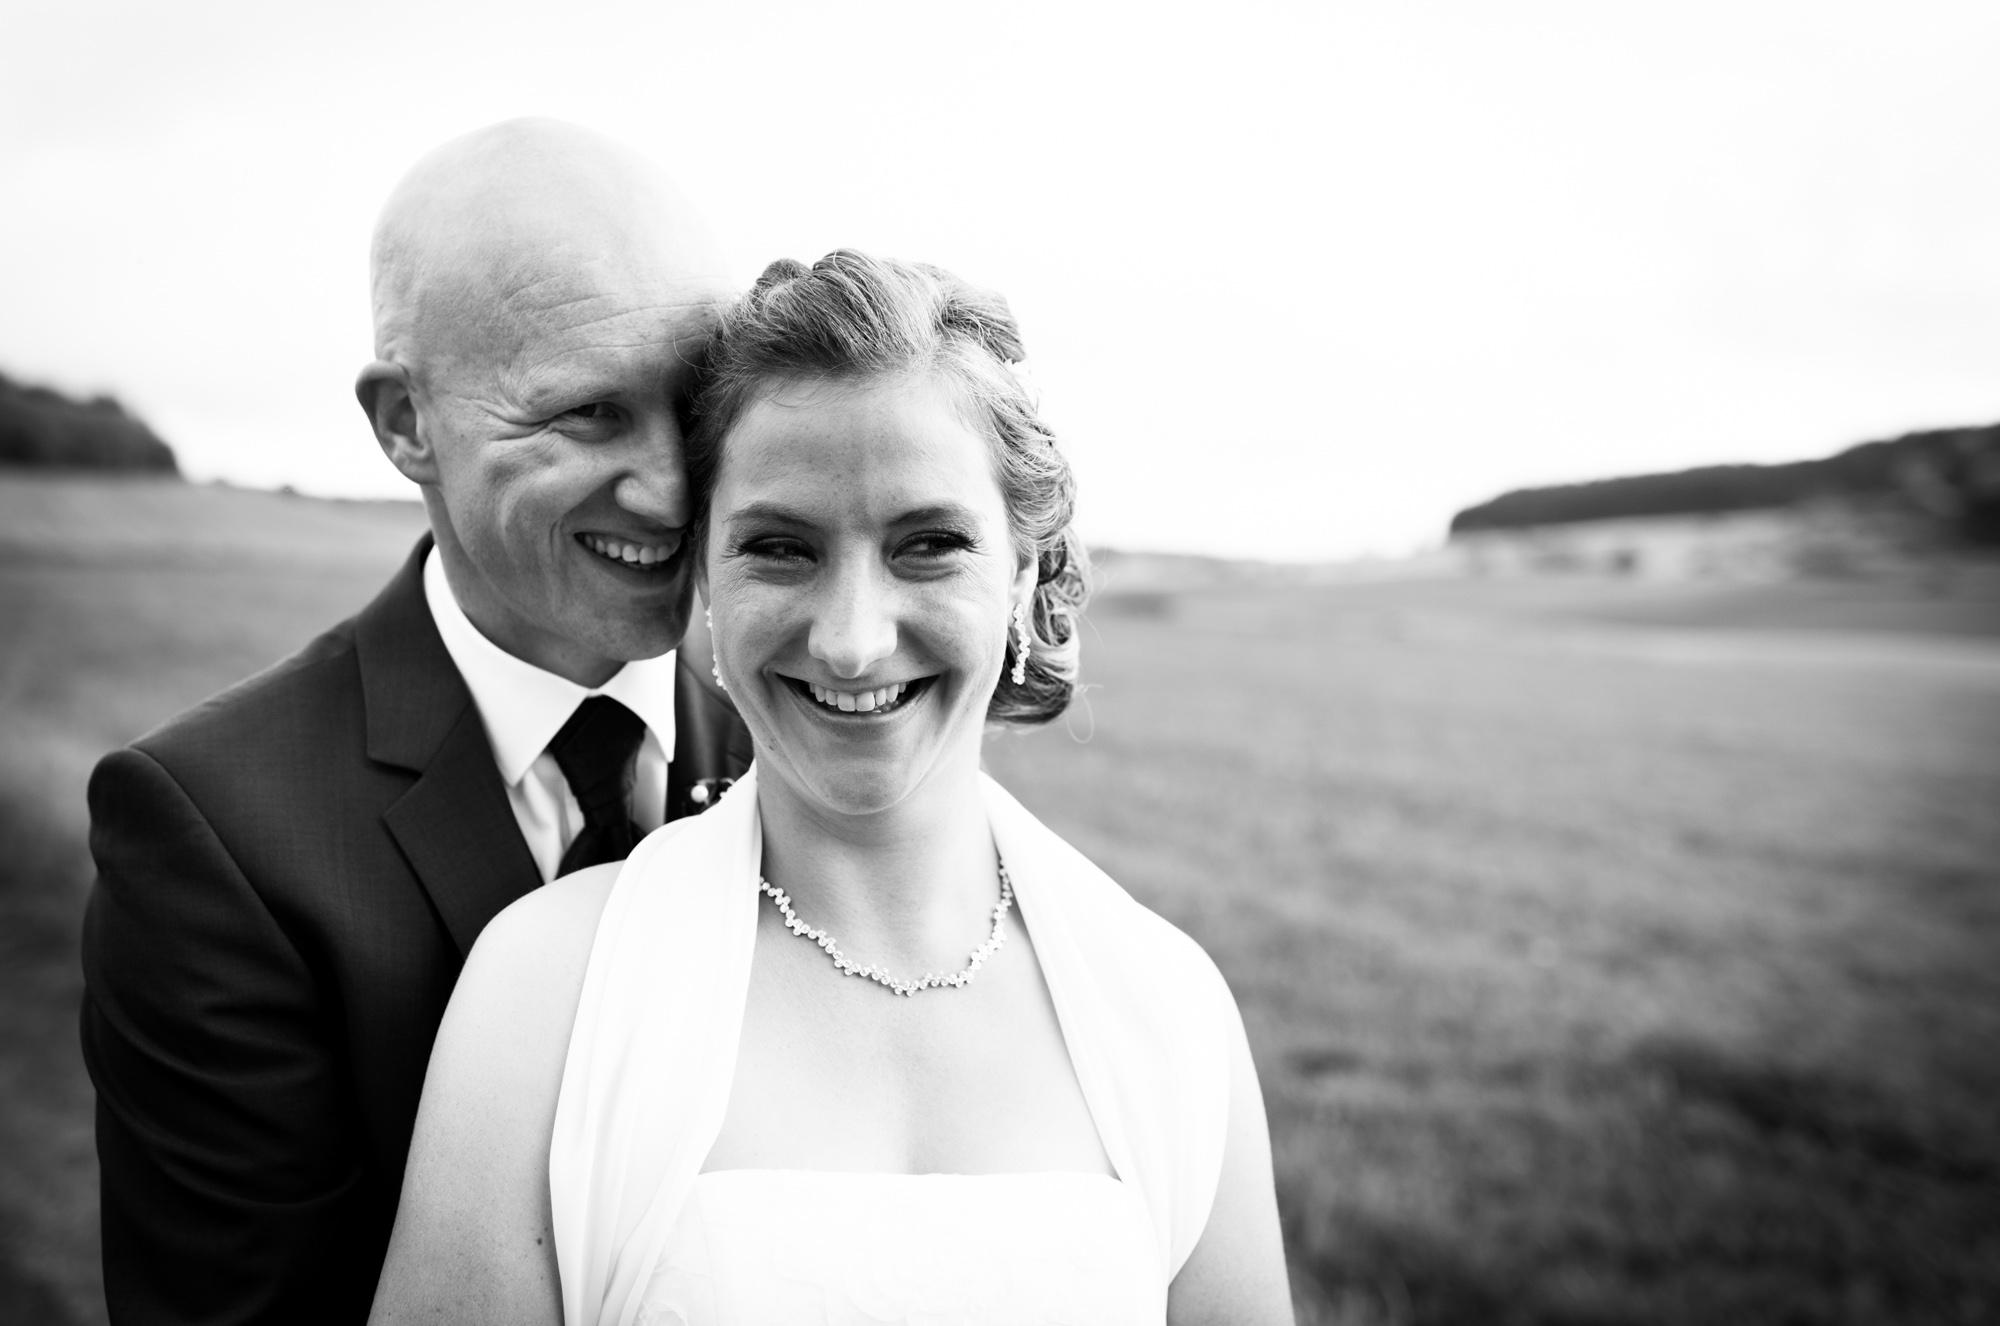 Fotograf Konstanz - Hochzeit Katja und Christian 59 - Als Hochzeitsfotograf in Bad Dürrheim unterwegs  - 25 -